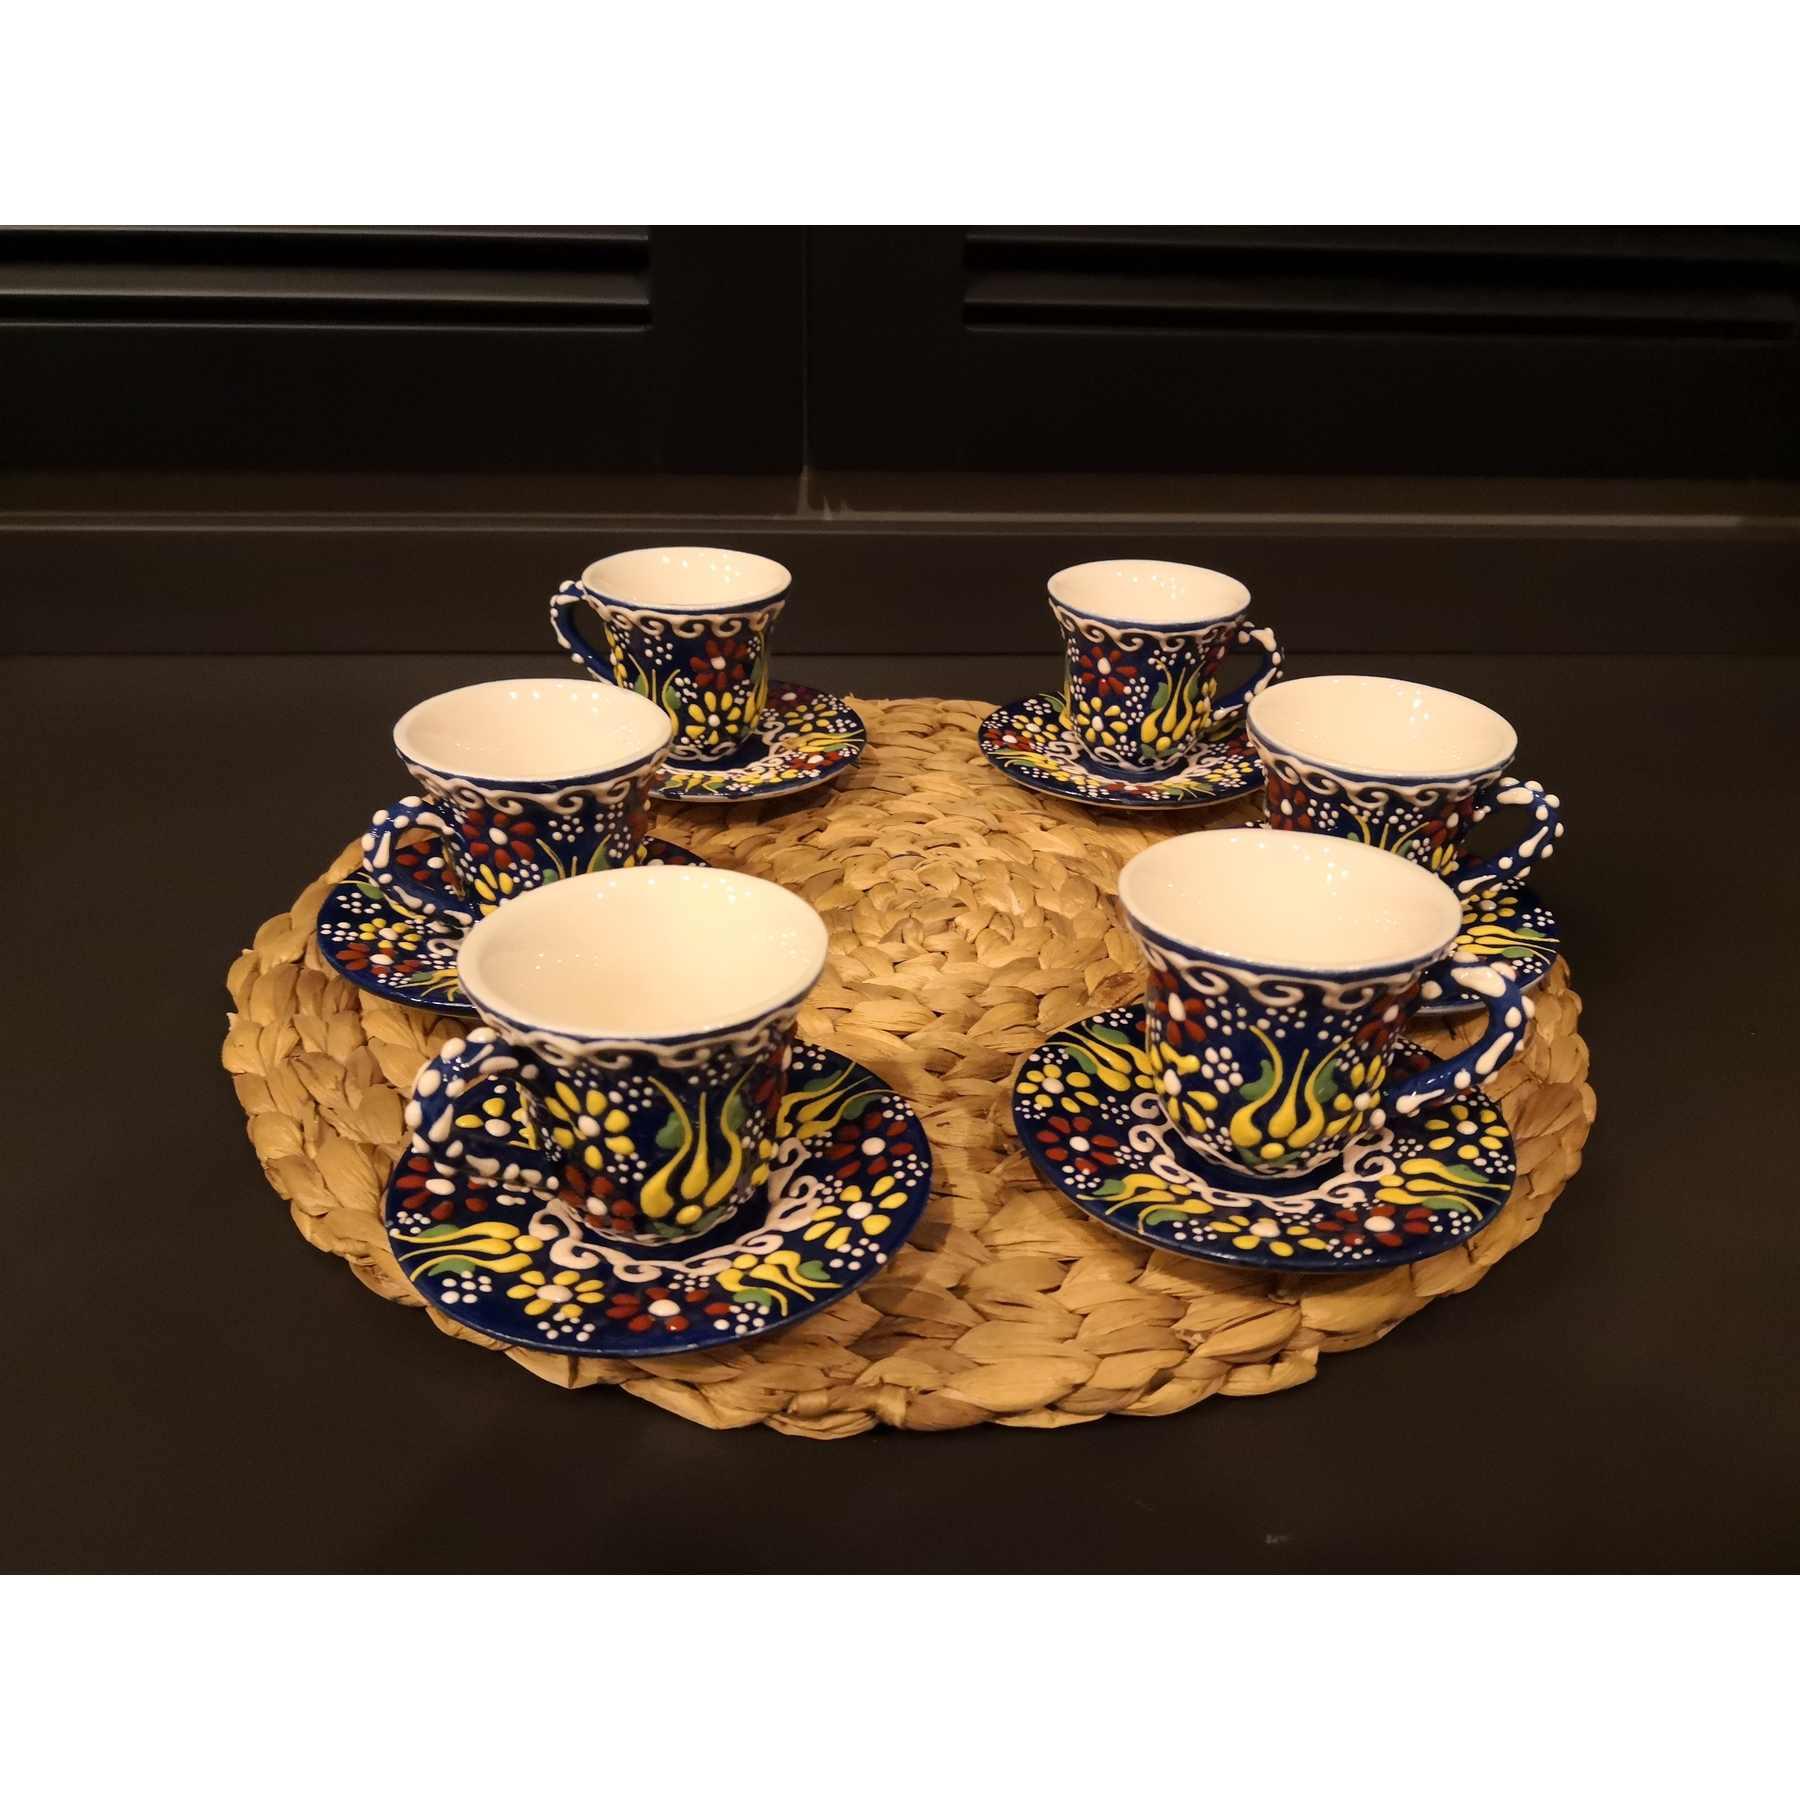 6 のセットセラミックオットマントルココーヒーカップセットでトルココーヒーギフト製トルコアラビアコーヒーセット茶カップセットエスプレッソ